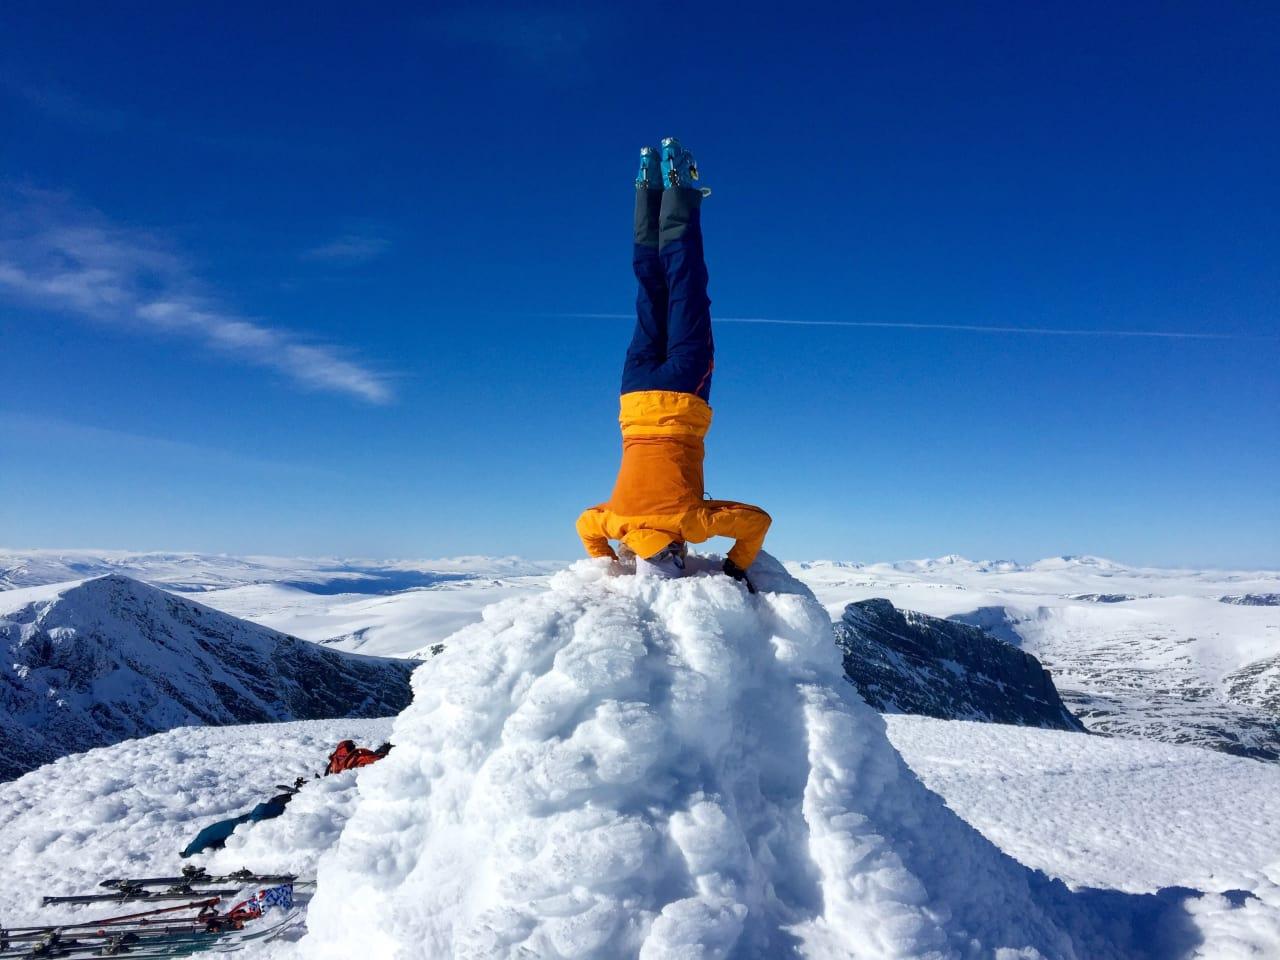 HODESTUPS: Fjellgeit Heidi Lillebråten er så bortskjemt med Jotunheimen at det tok henne 35 år å komme seg på skitur i Rondane. Snakk om starte på toppen! Foto: Sigurd Rønningen